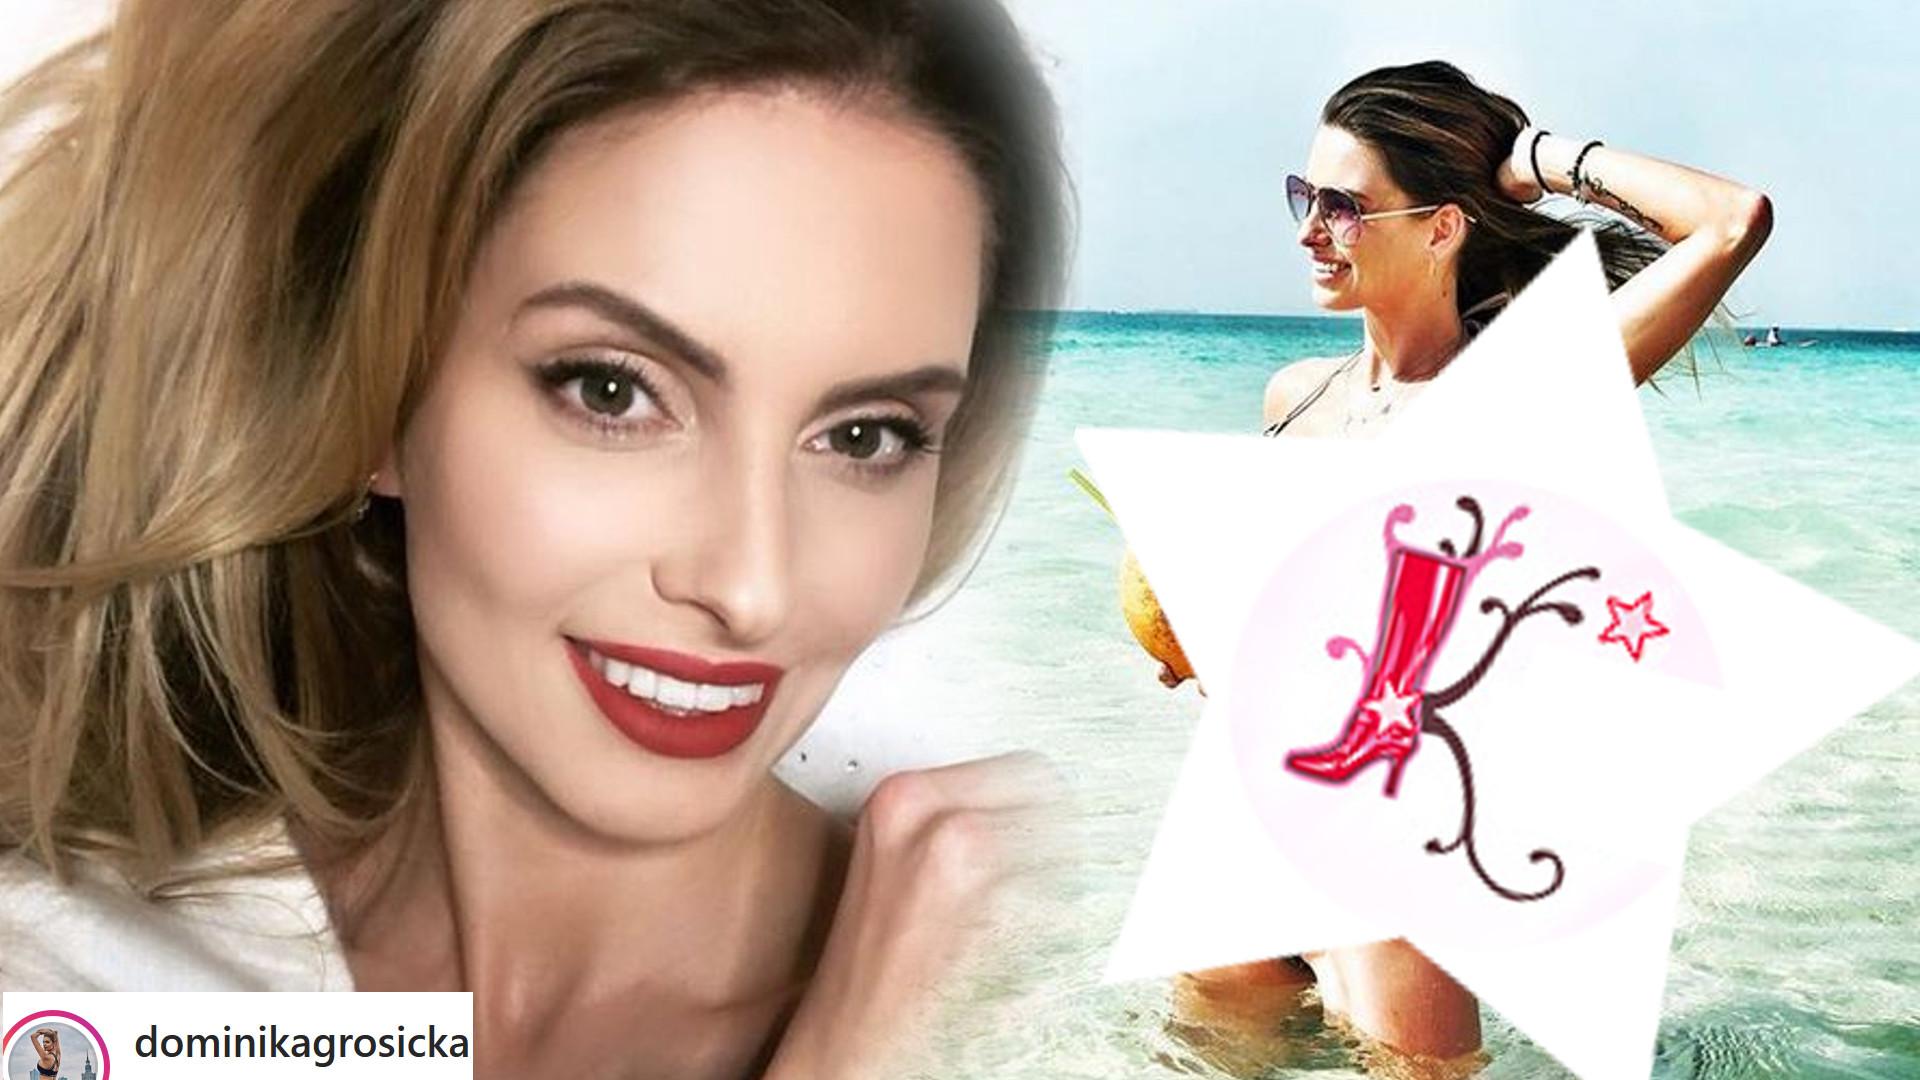 Dominika Grosicka w BIKINI na fotkach z wakacji: Przesadziłaś!